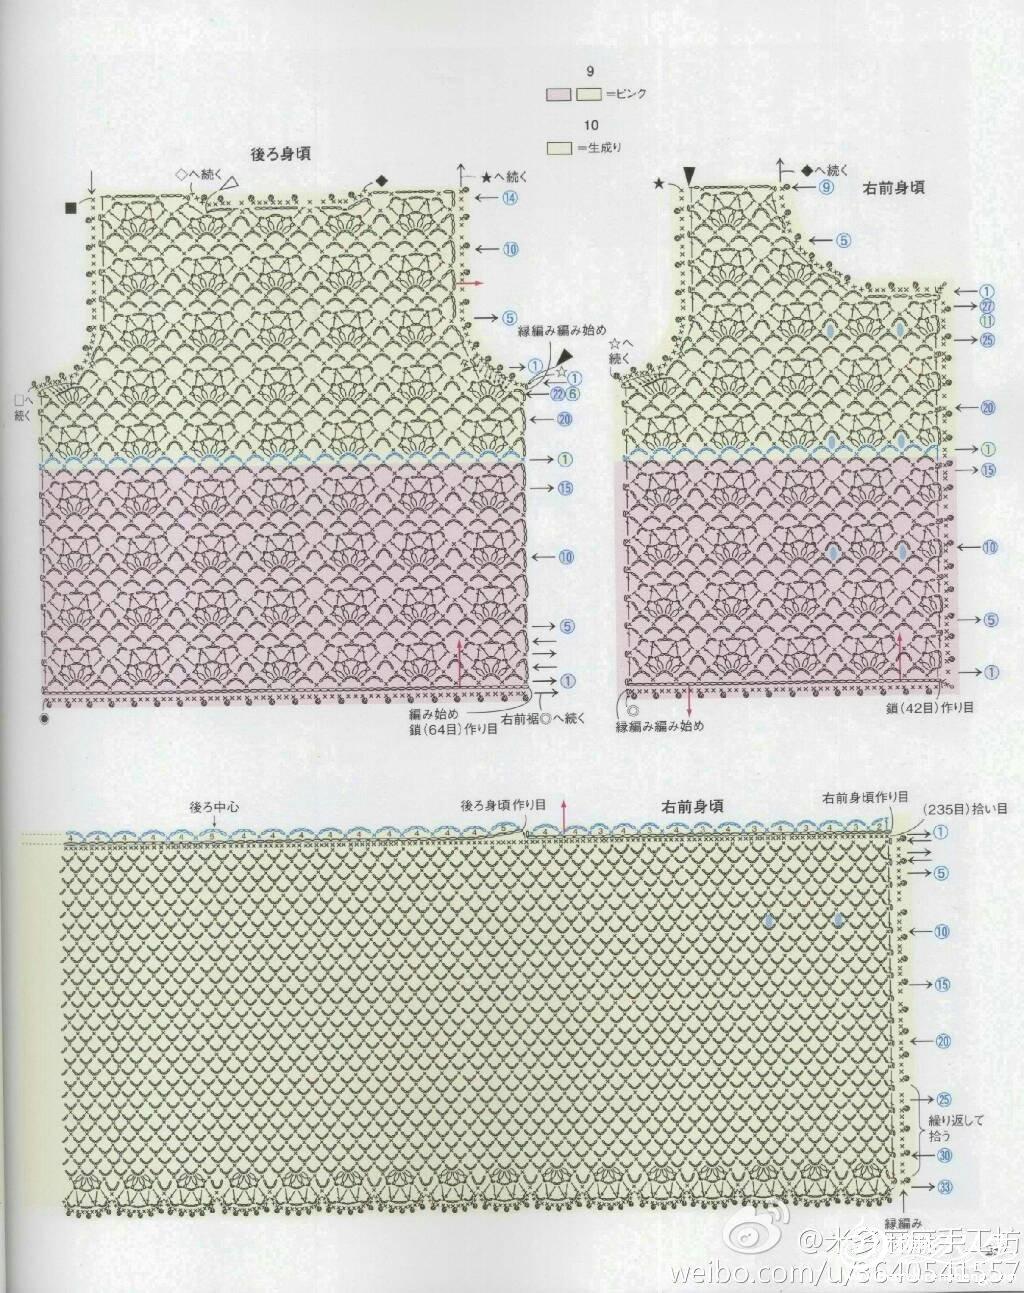 [50~80cm婴幼儿毛衣] 宝宝马甲 - yn595959 - yn595959 彦妮